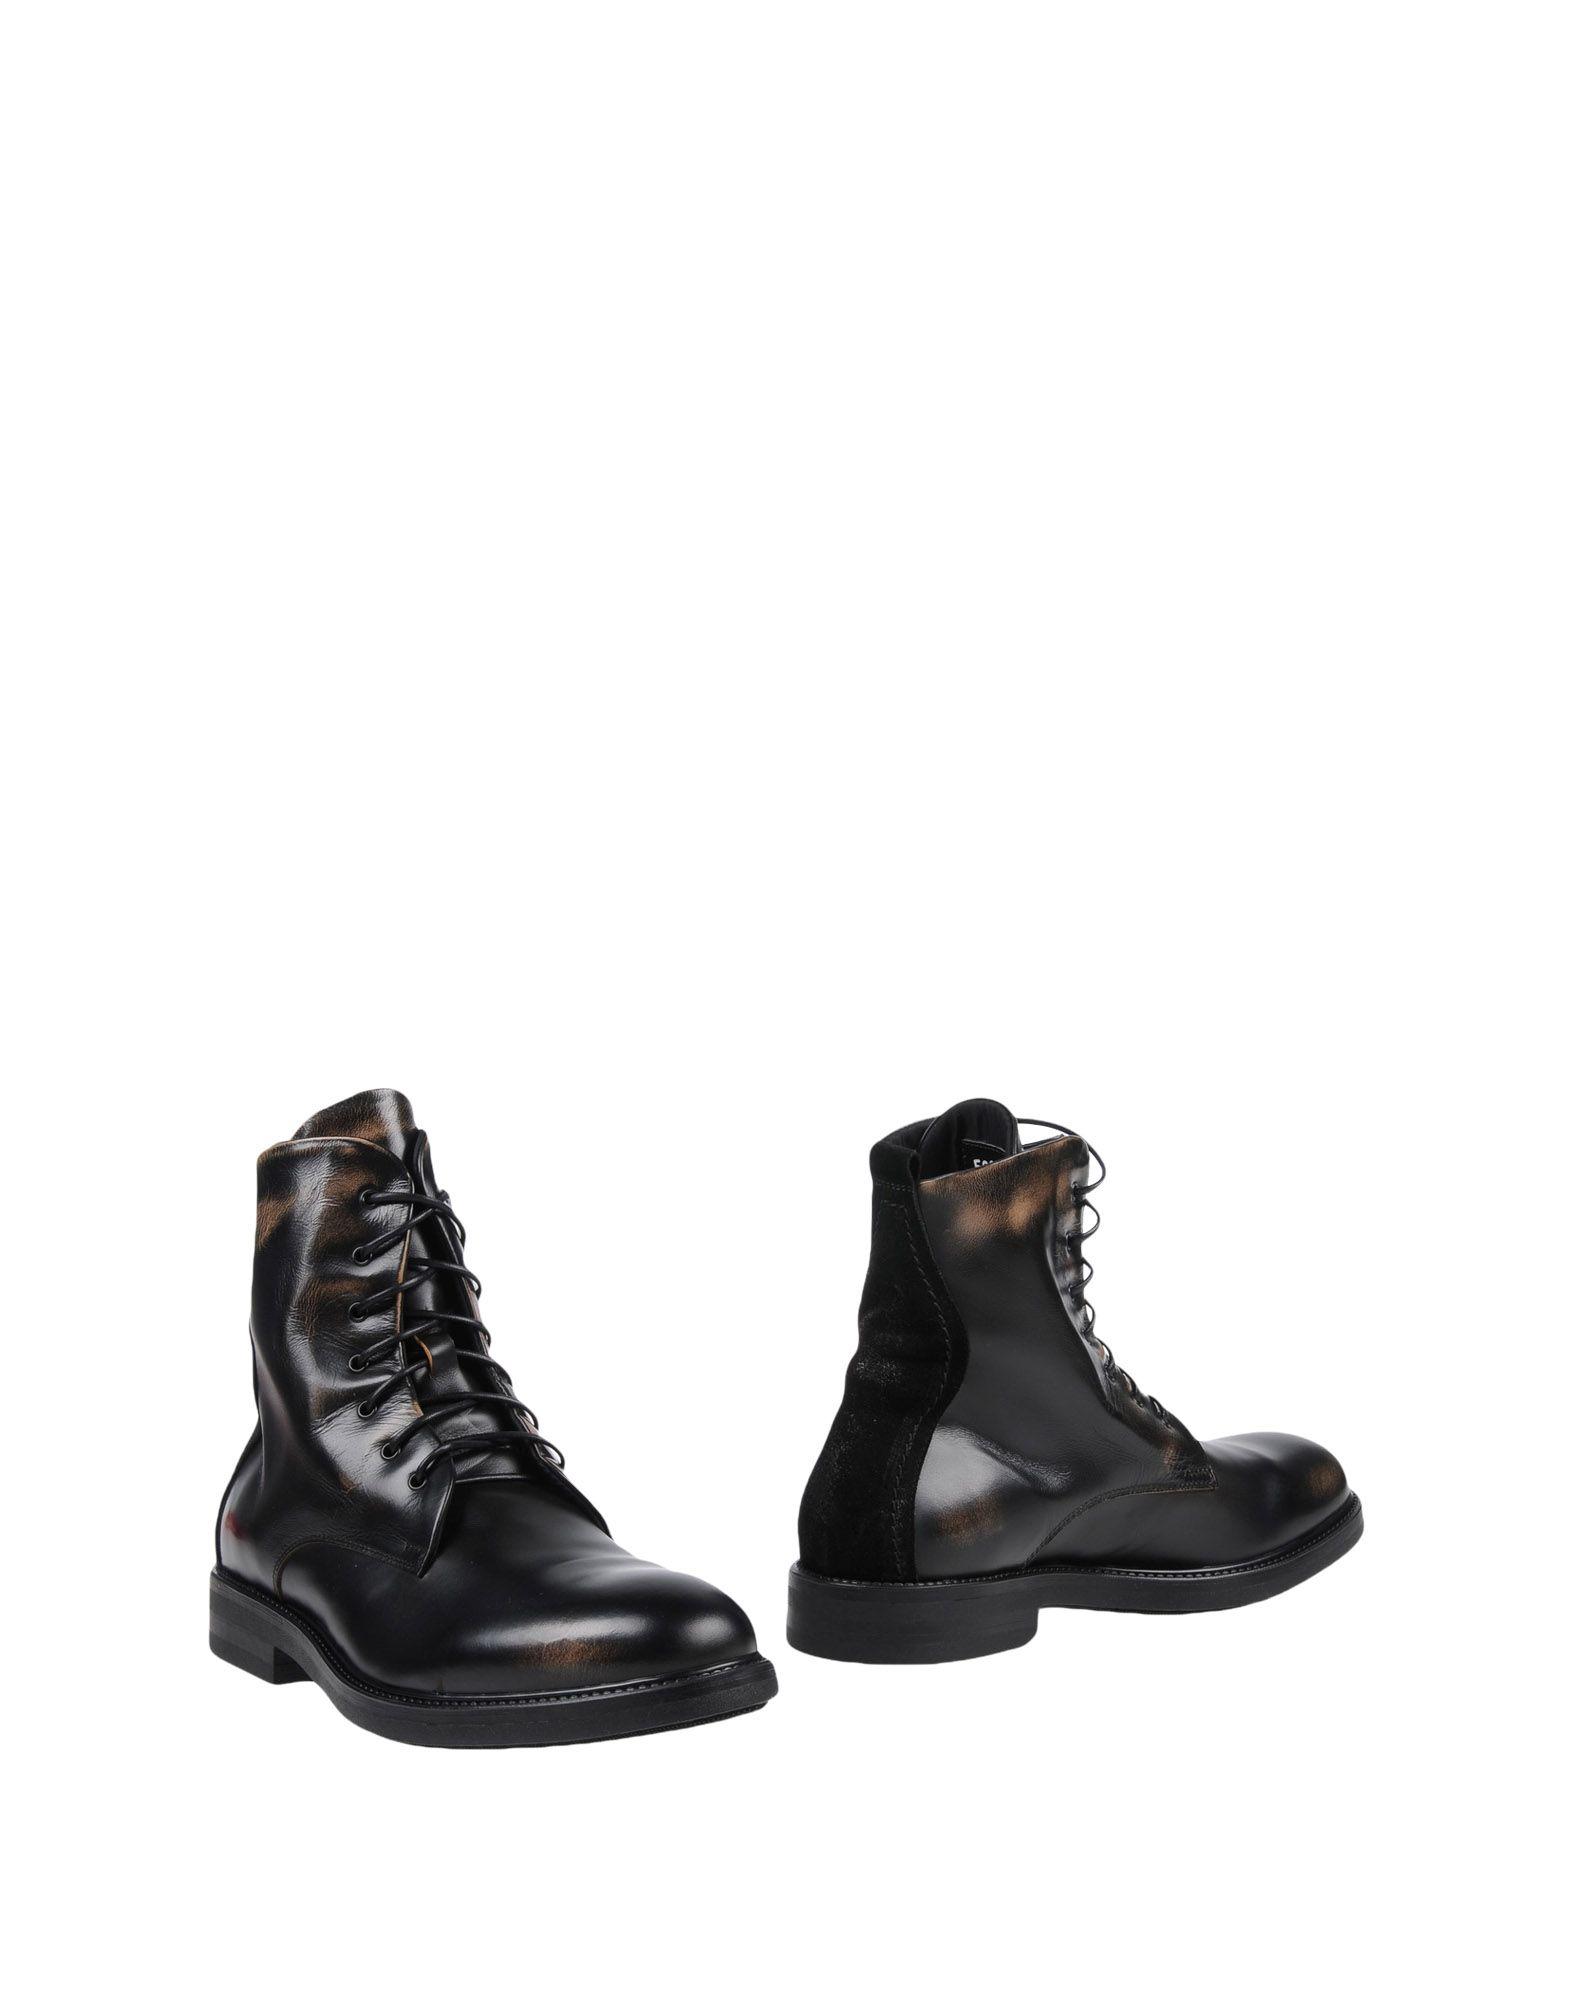 Alexander Hotto Stiefelette Herren  11451948BL Gute Qualität beliebte Schuhe